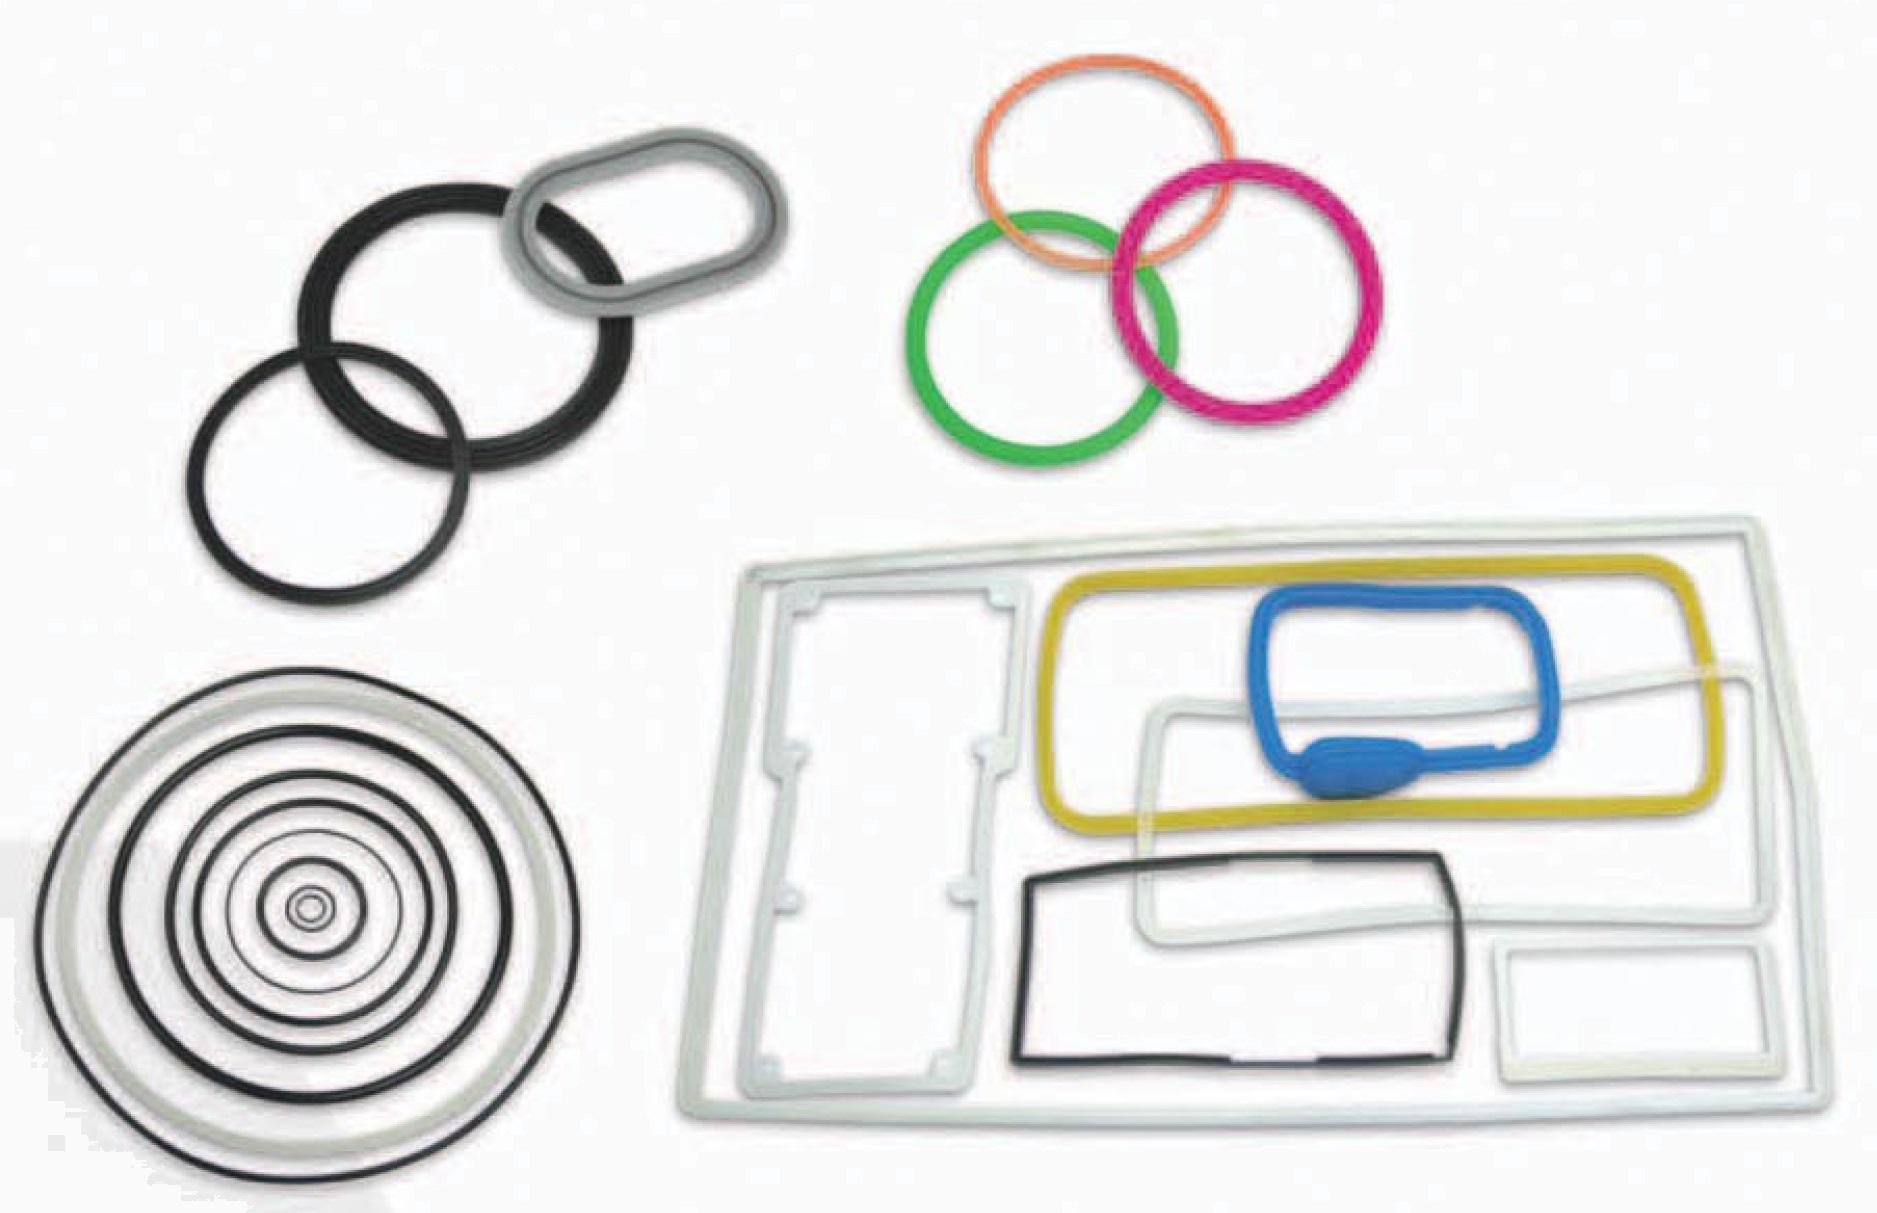 gummiteile o ring dichtungen youeal h k ltd. Black Bedroom Furniture Sets. Home Design Ideas